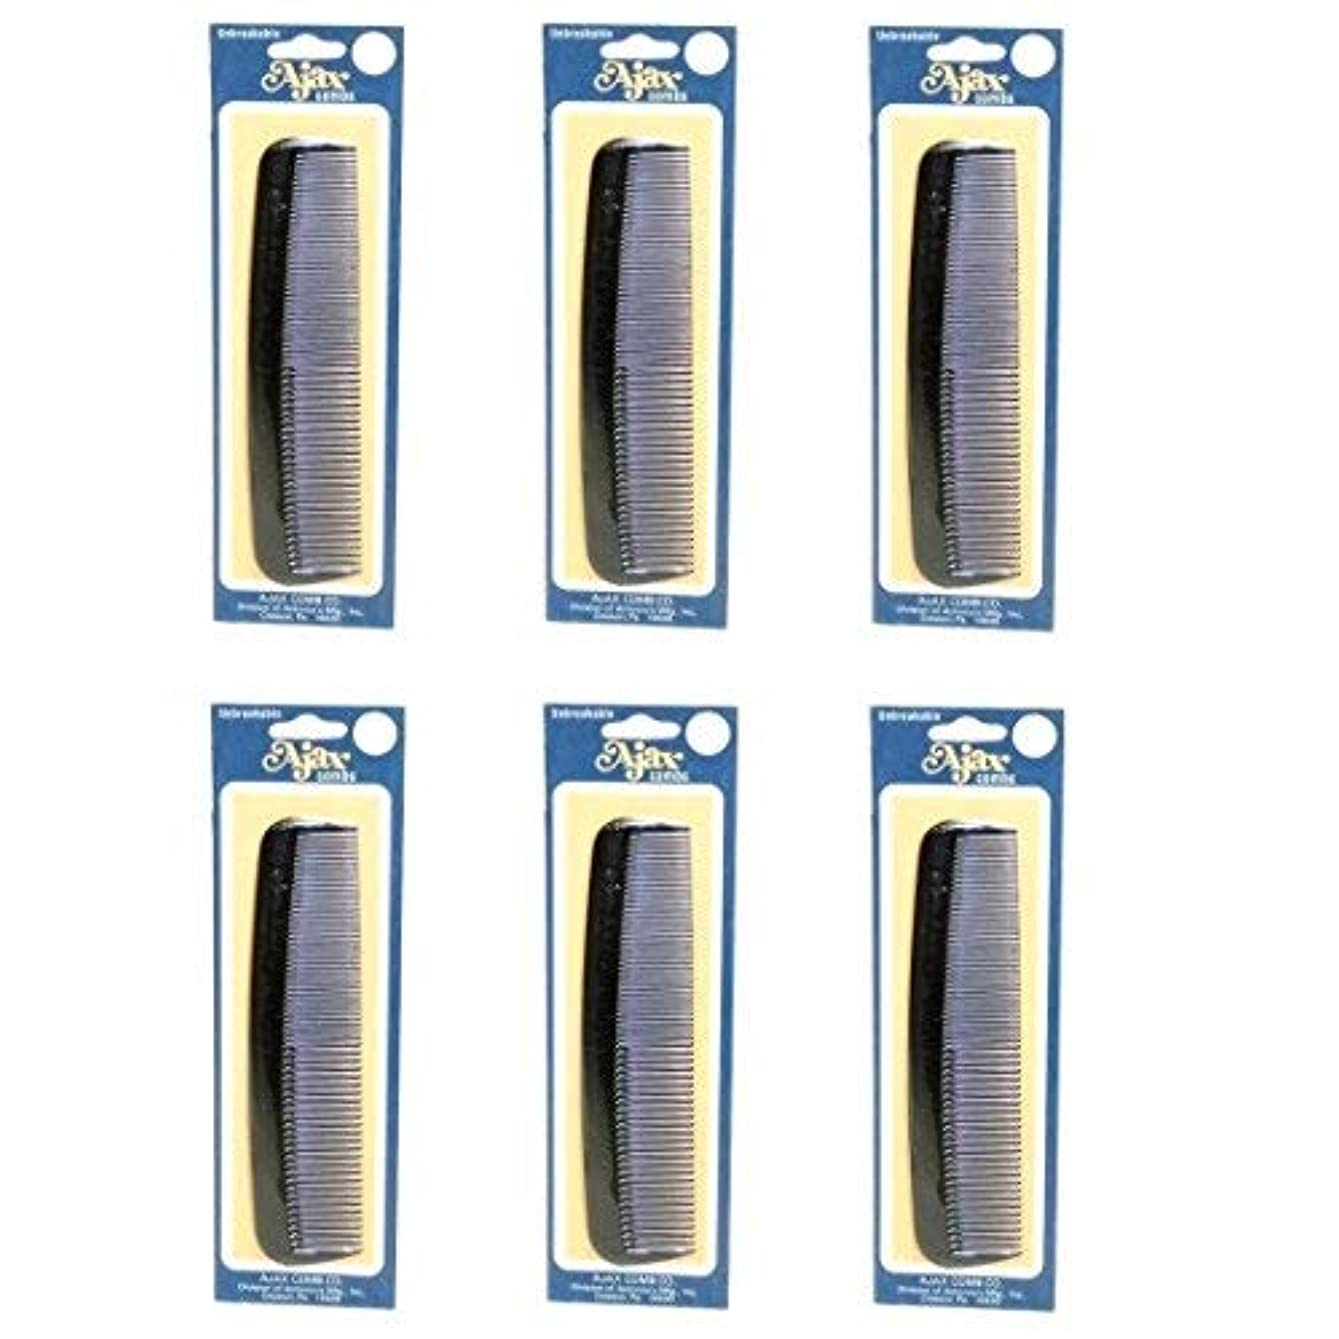 ひどく記念品威信Ajax Unbreakable Hair Combs Super Flexible Pocket Sized Lifetime Guarantee - Proudly Made in the USA (Pack of...